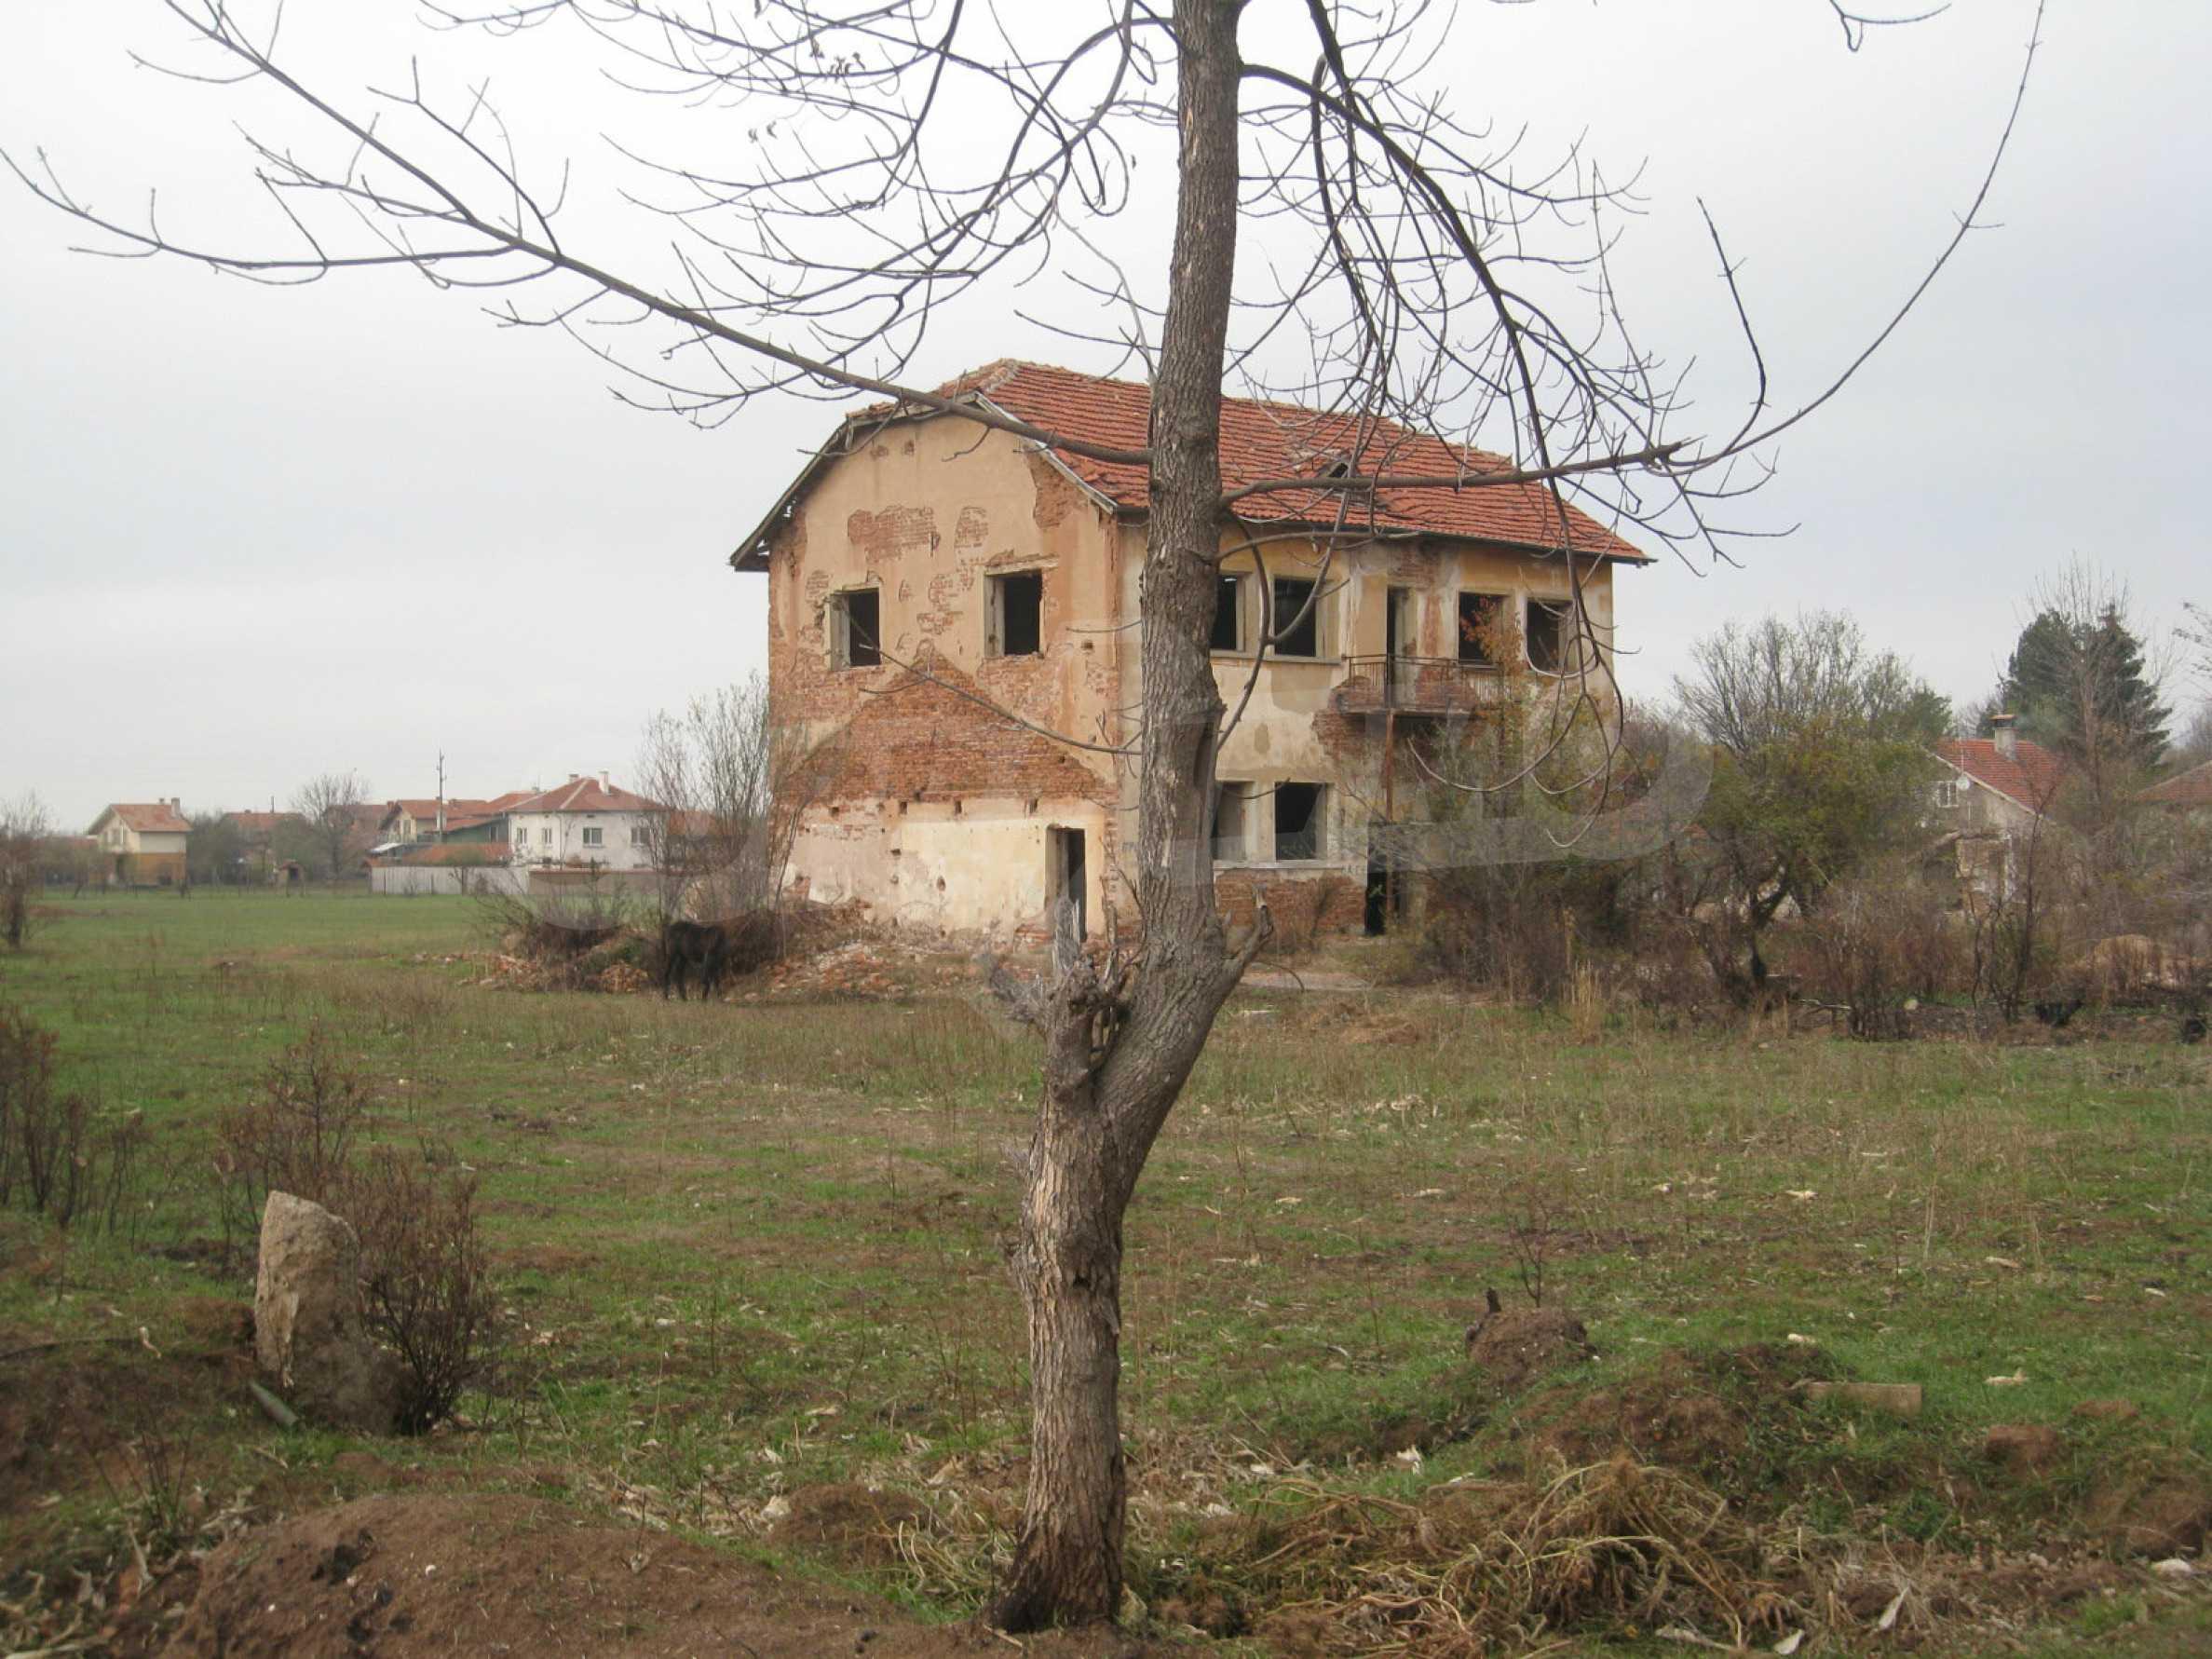 Solides dreistöckiges Gebäude (ehemalige Mühle) mit Hof in der Nähe von Elin Pelin 1